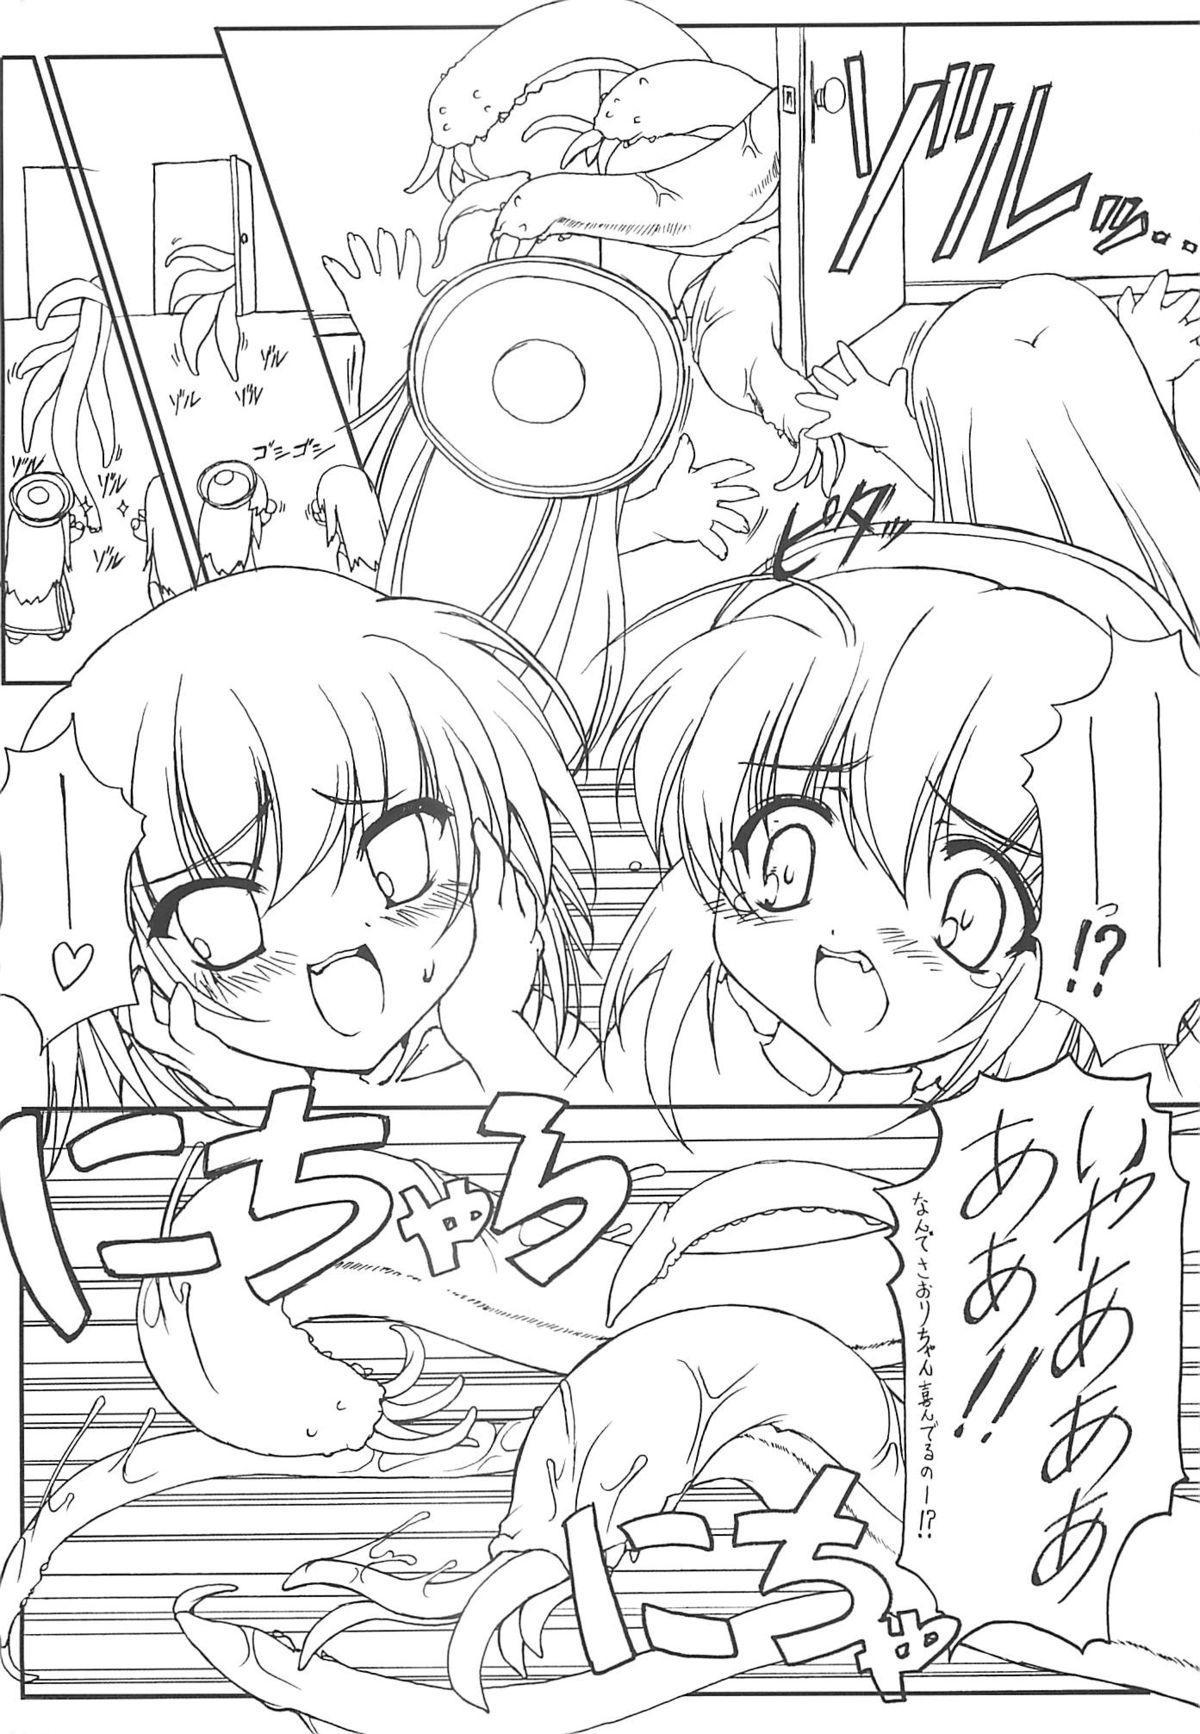 Hajimete no Juuryoku 4